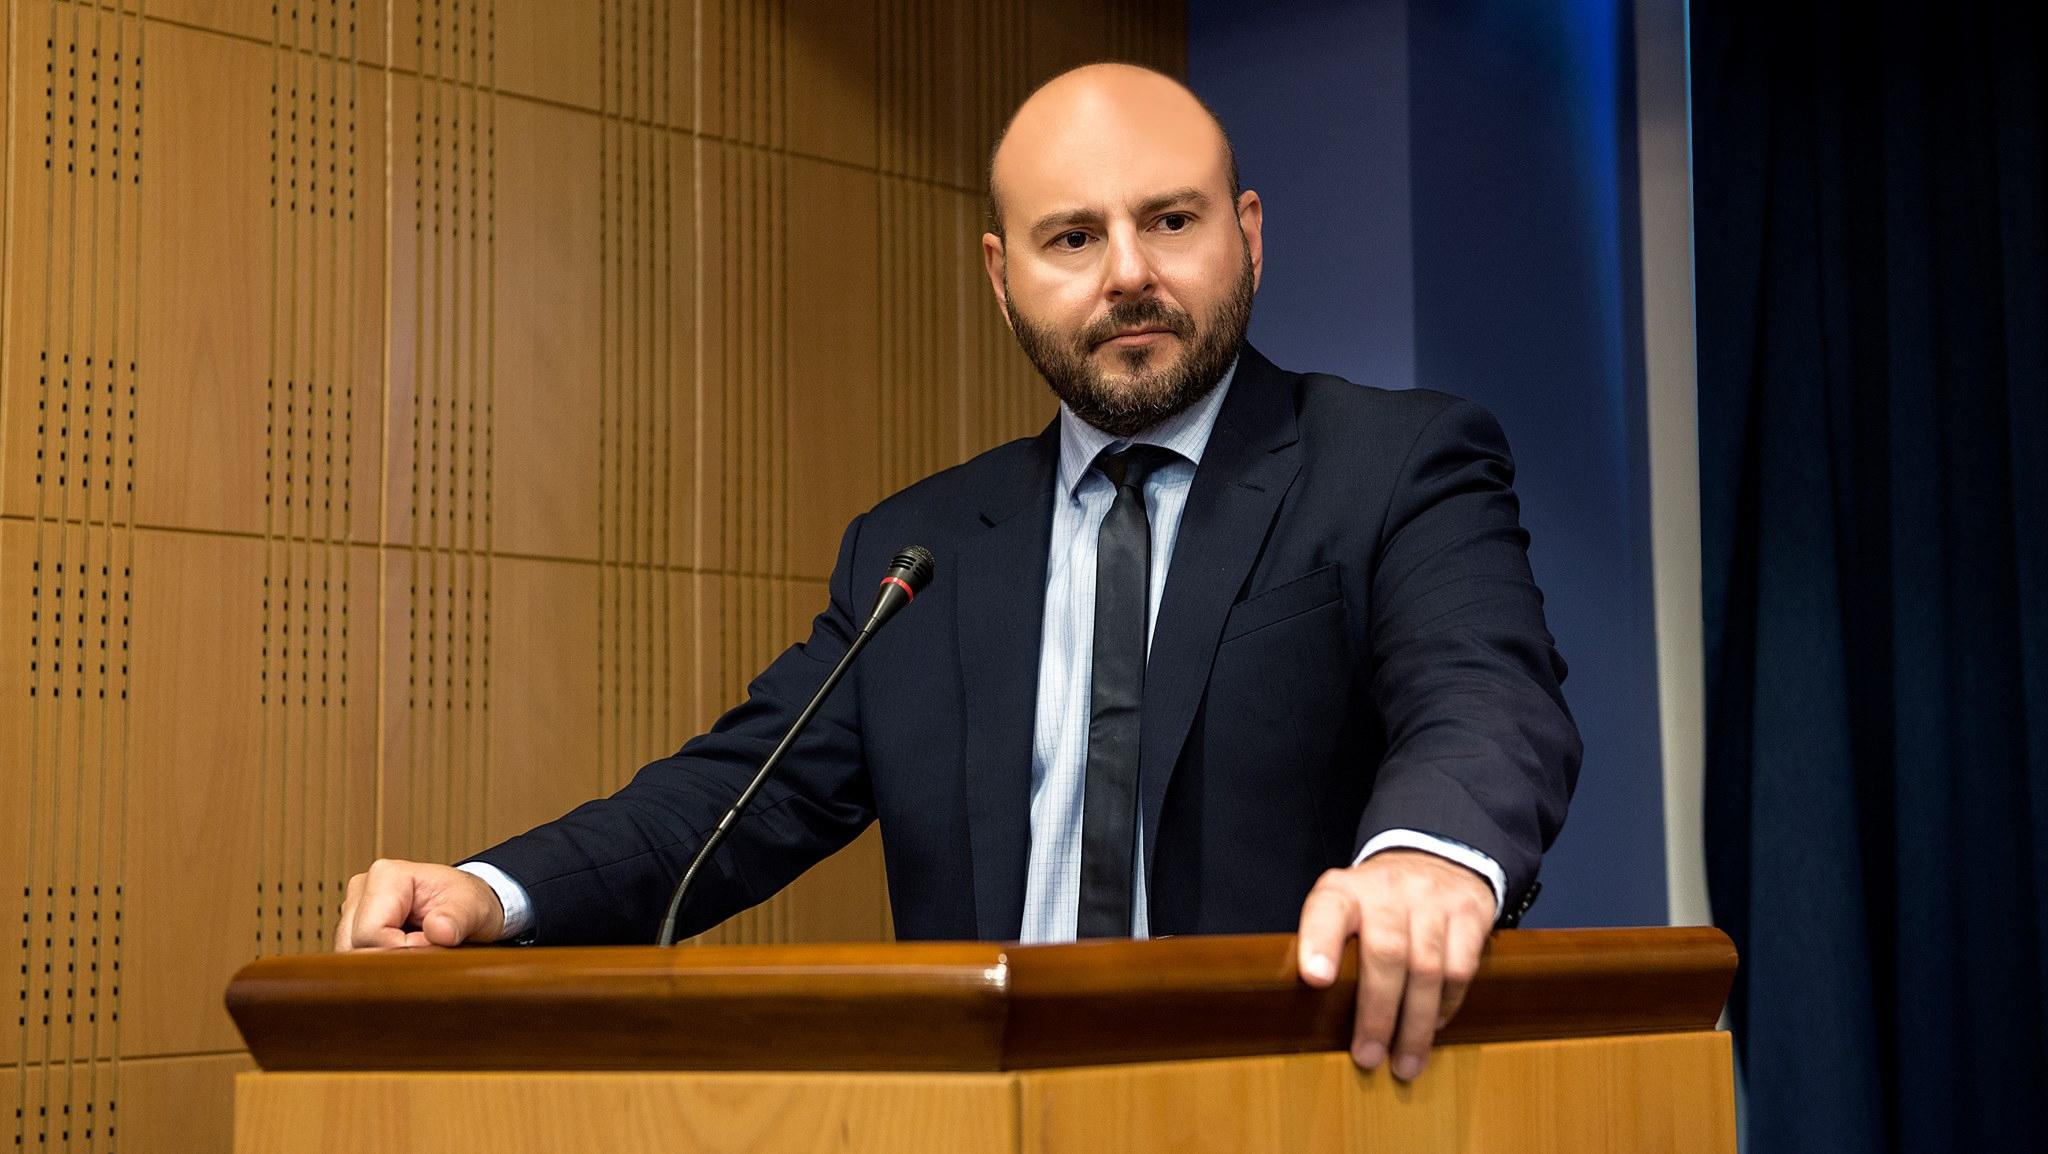 Ο πρόεδρος του ΤΕΕ, Γιώργος Στασινός